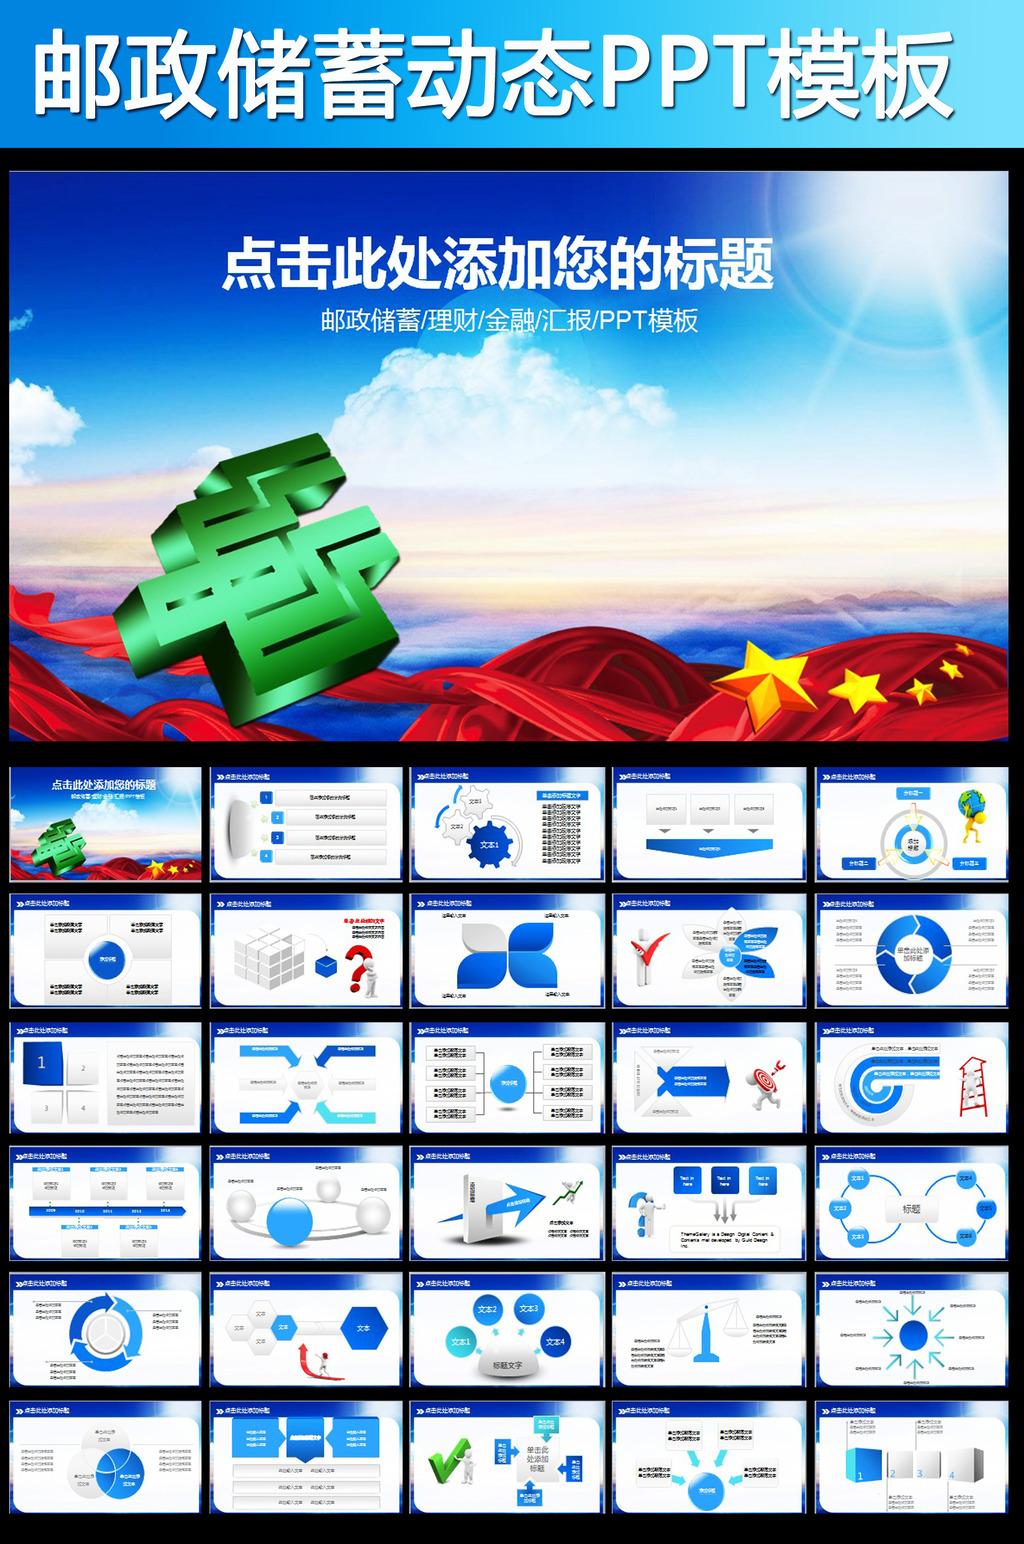 中国邮政快递工作汇报总结动态ppt模板模板下载